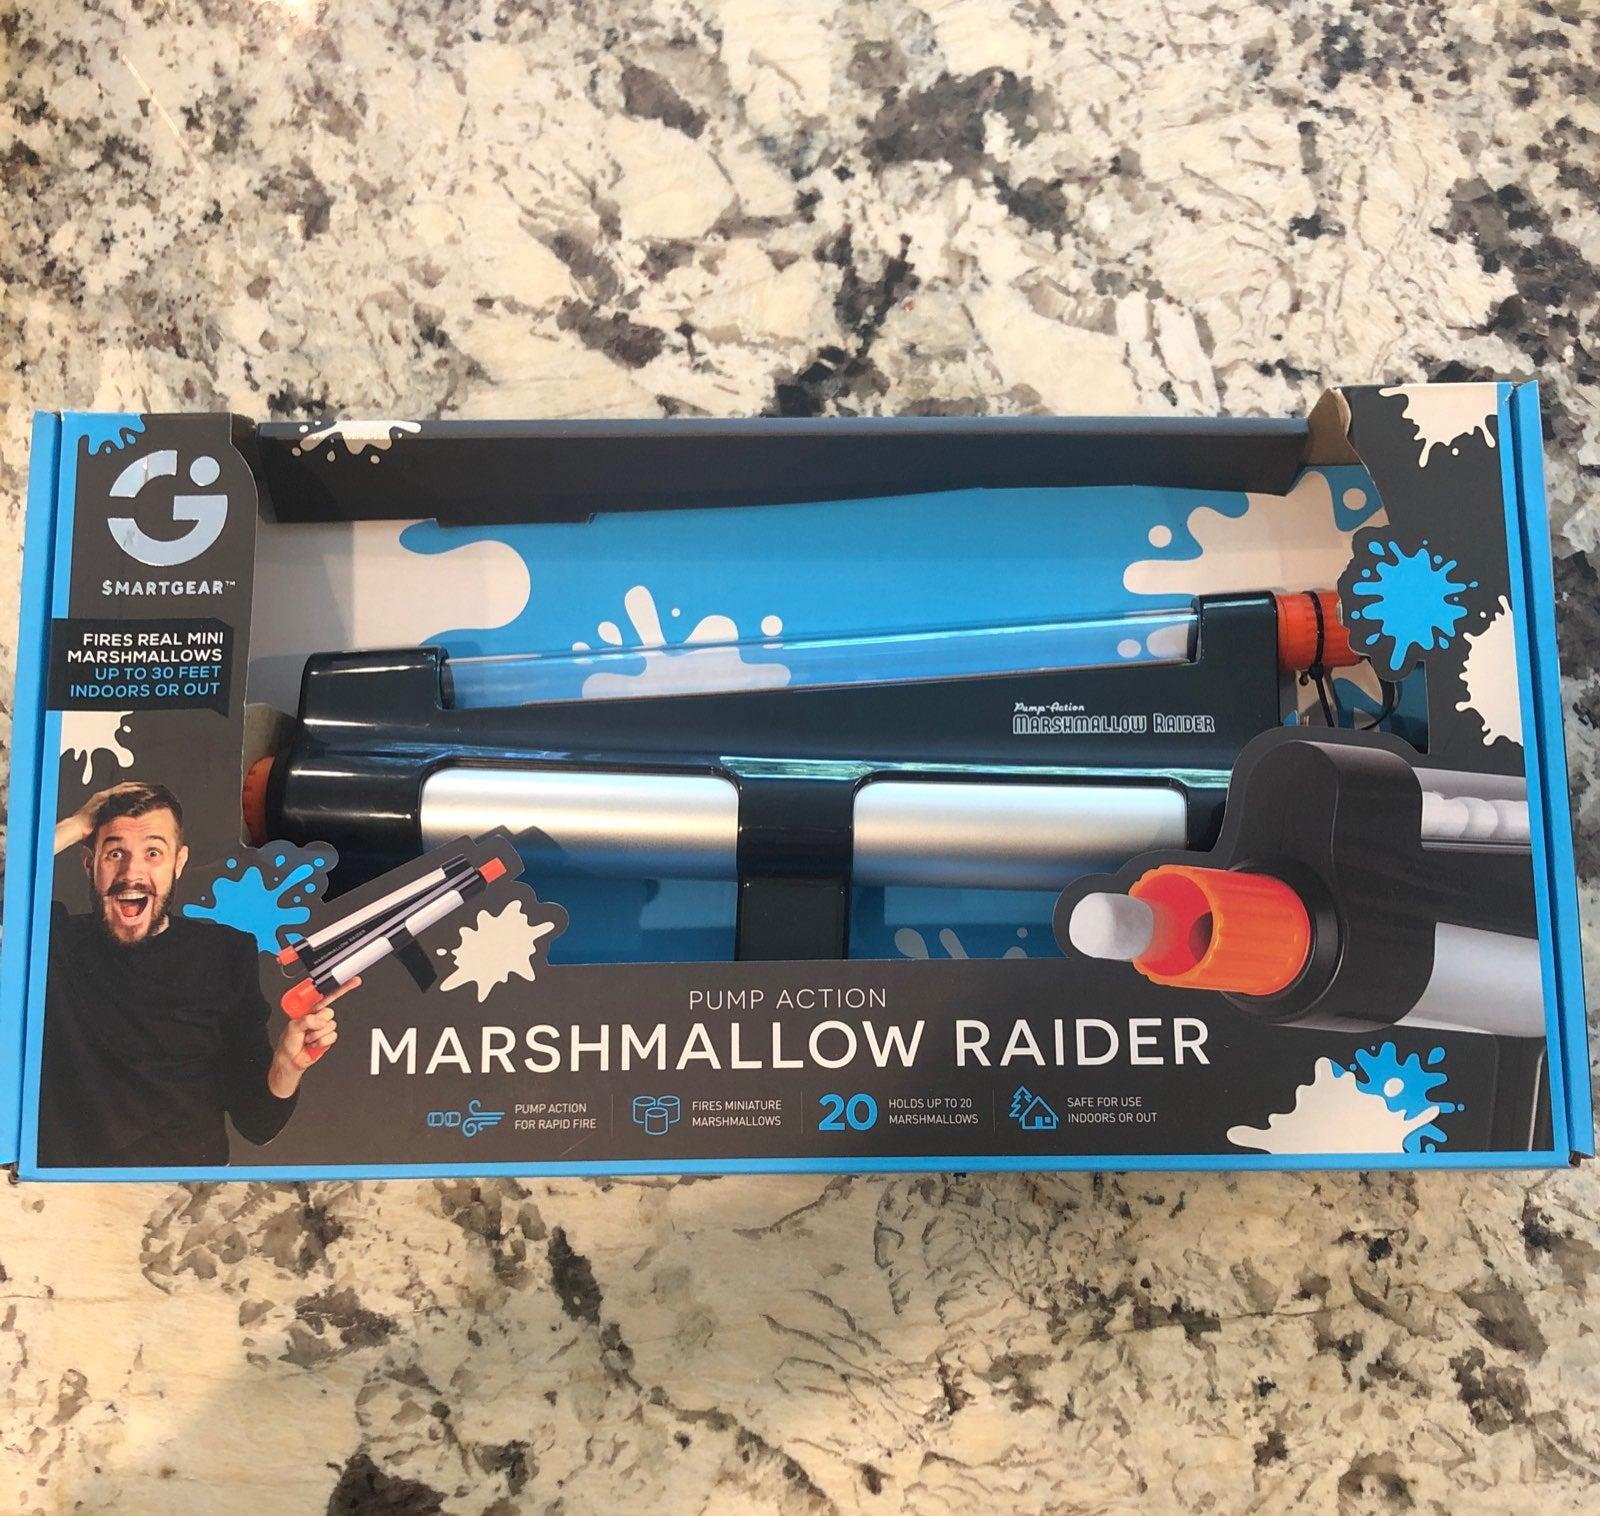 Marshmallow Raider